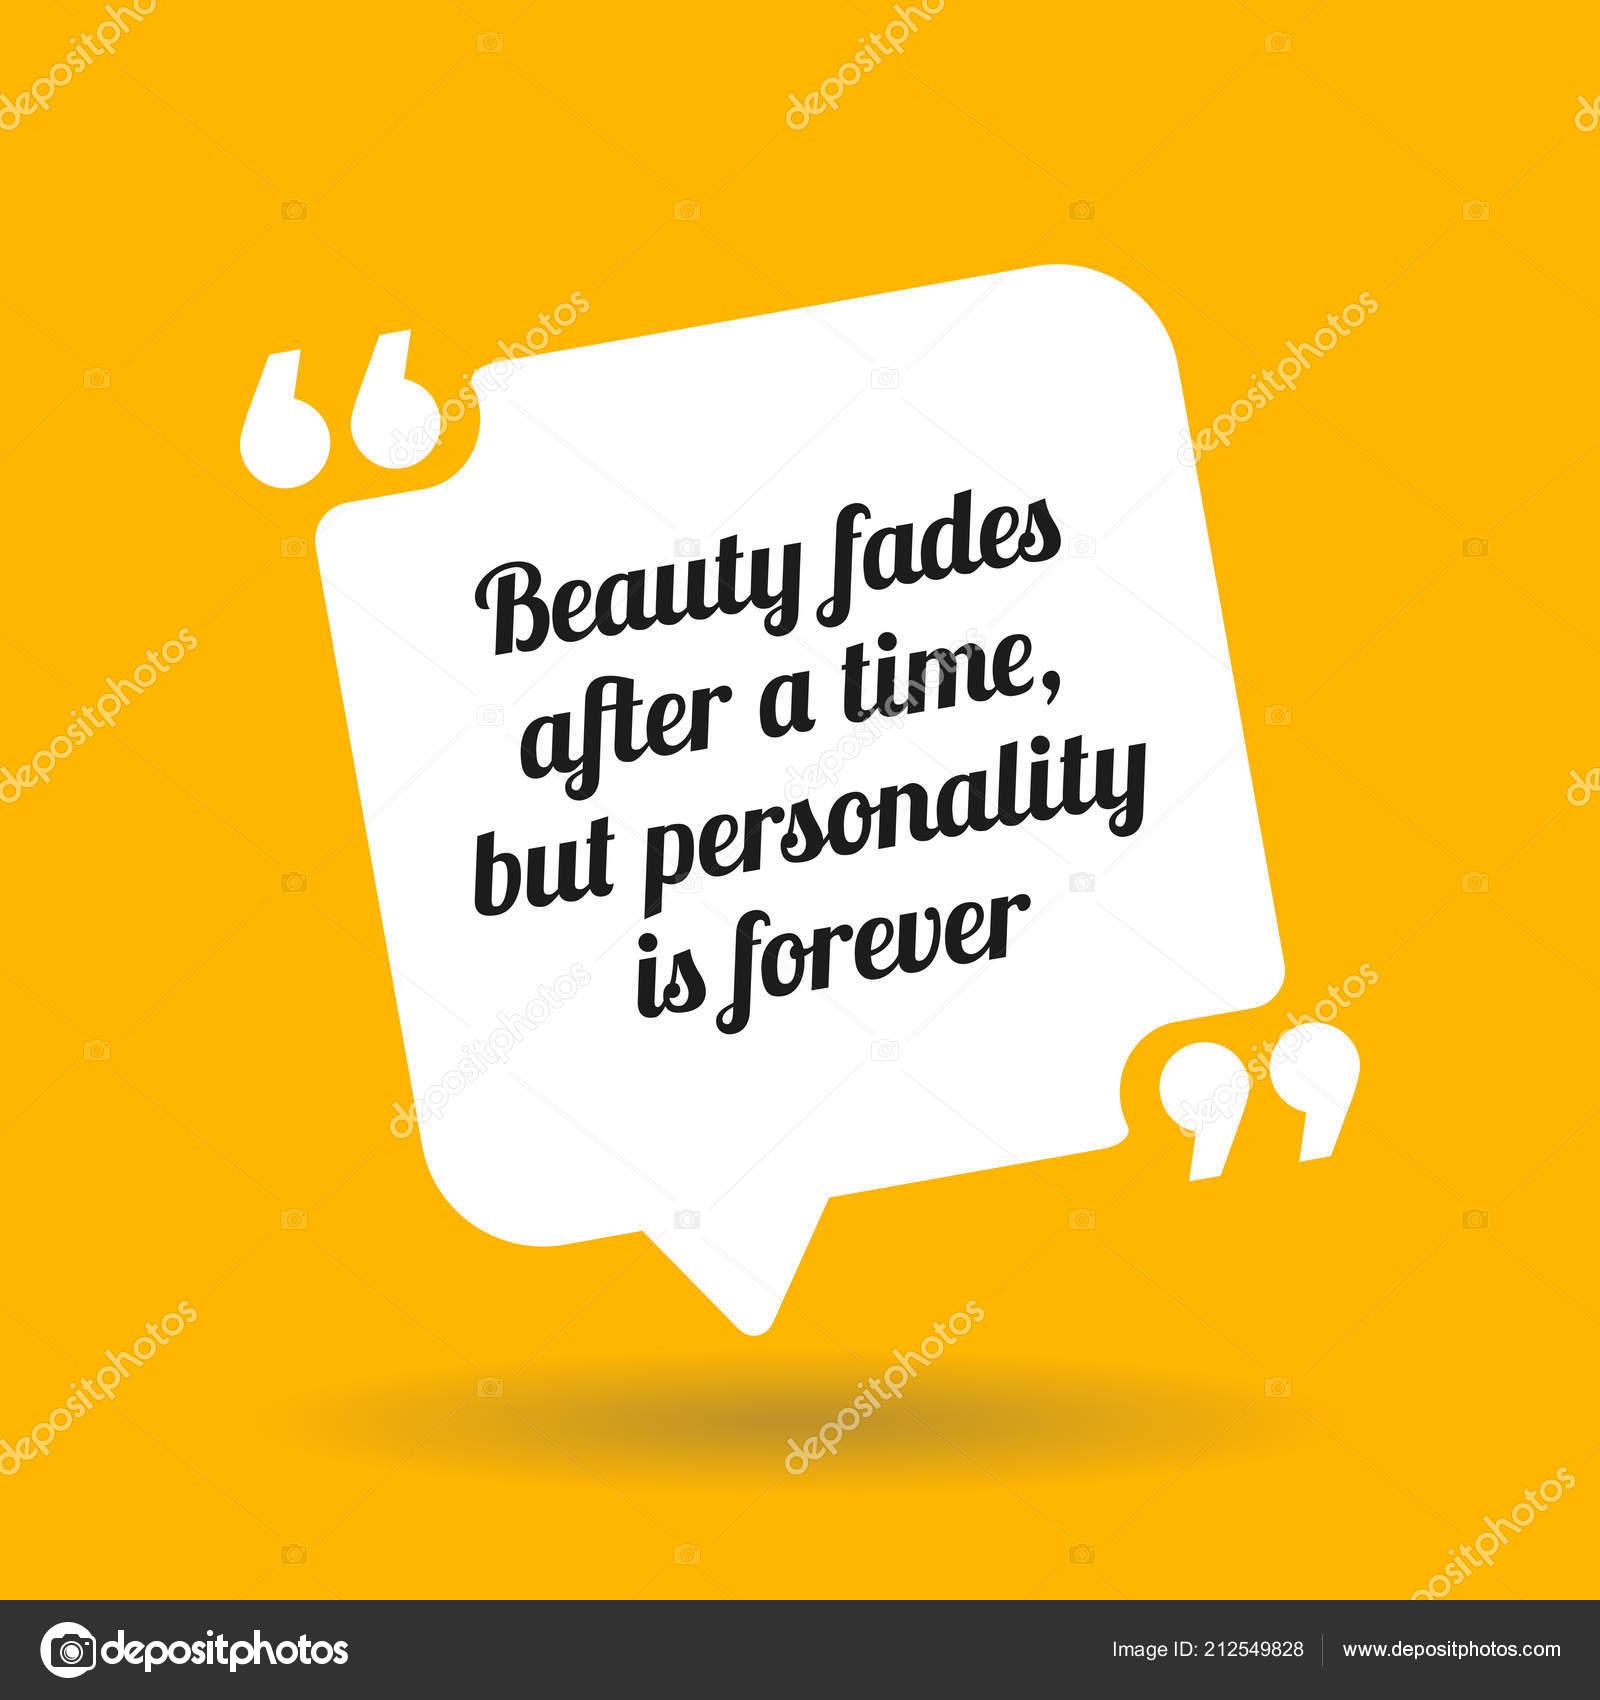 Citaten Over Persoonlijkheid : Inspirerende motiverende citaat schoonheid vervaagt een tijd maar